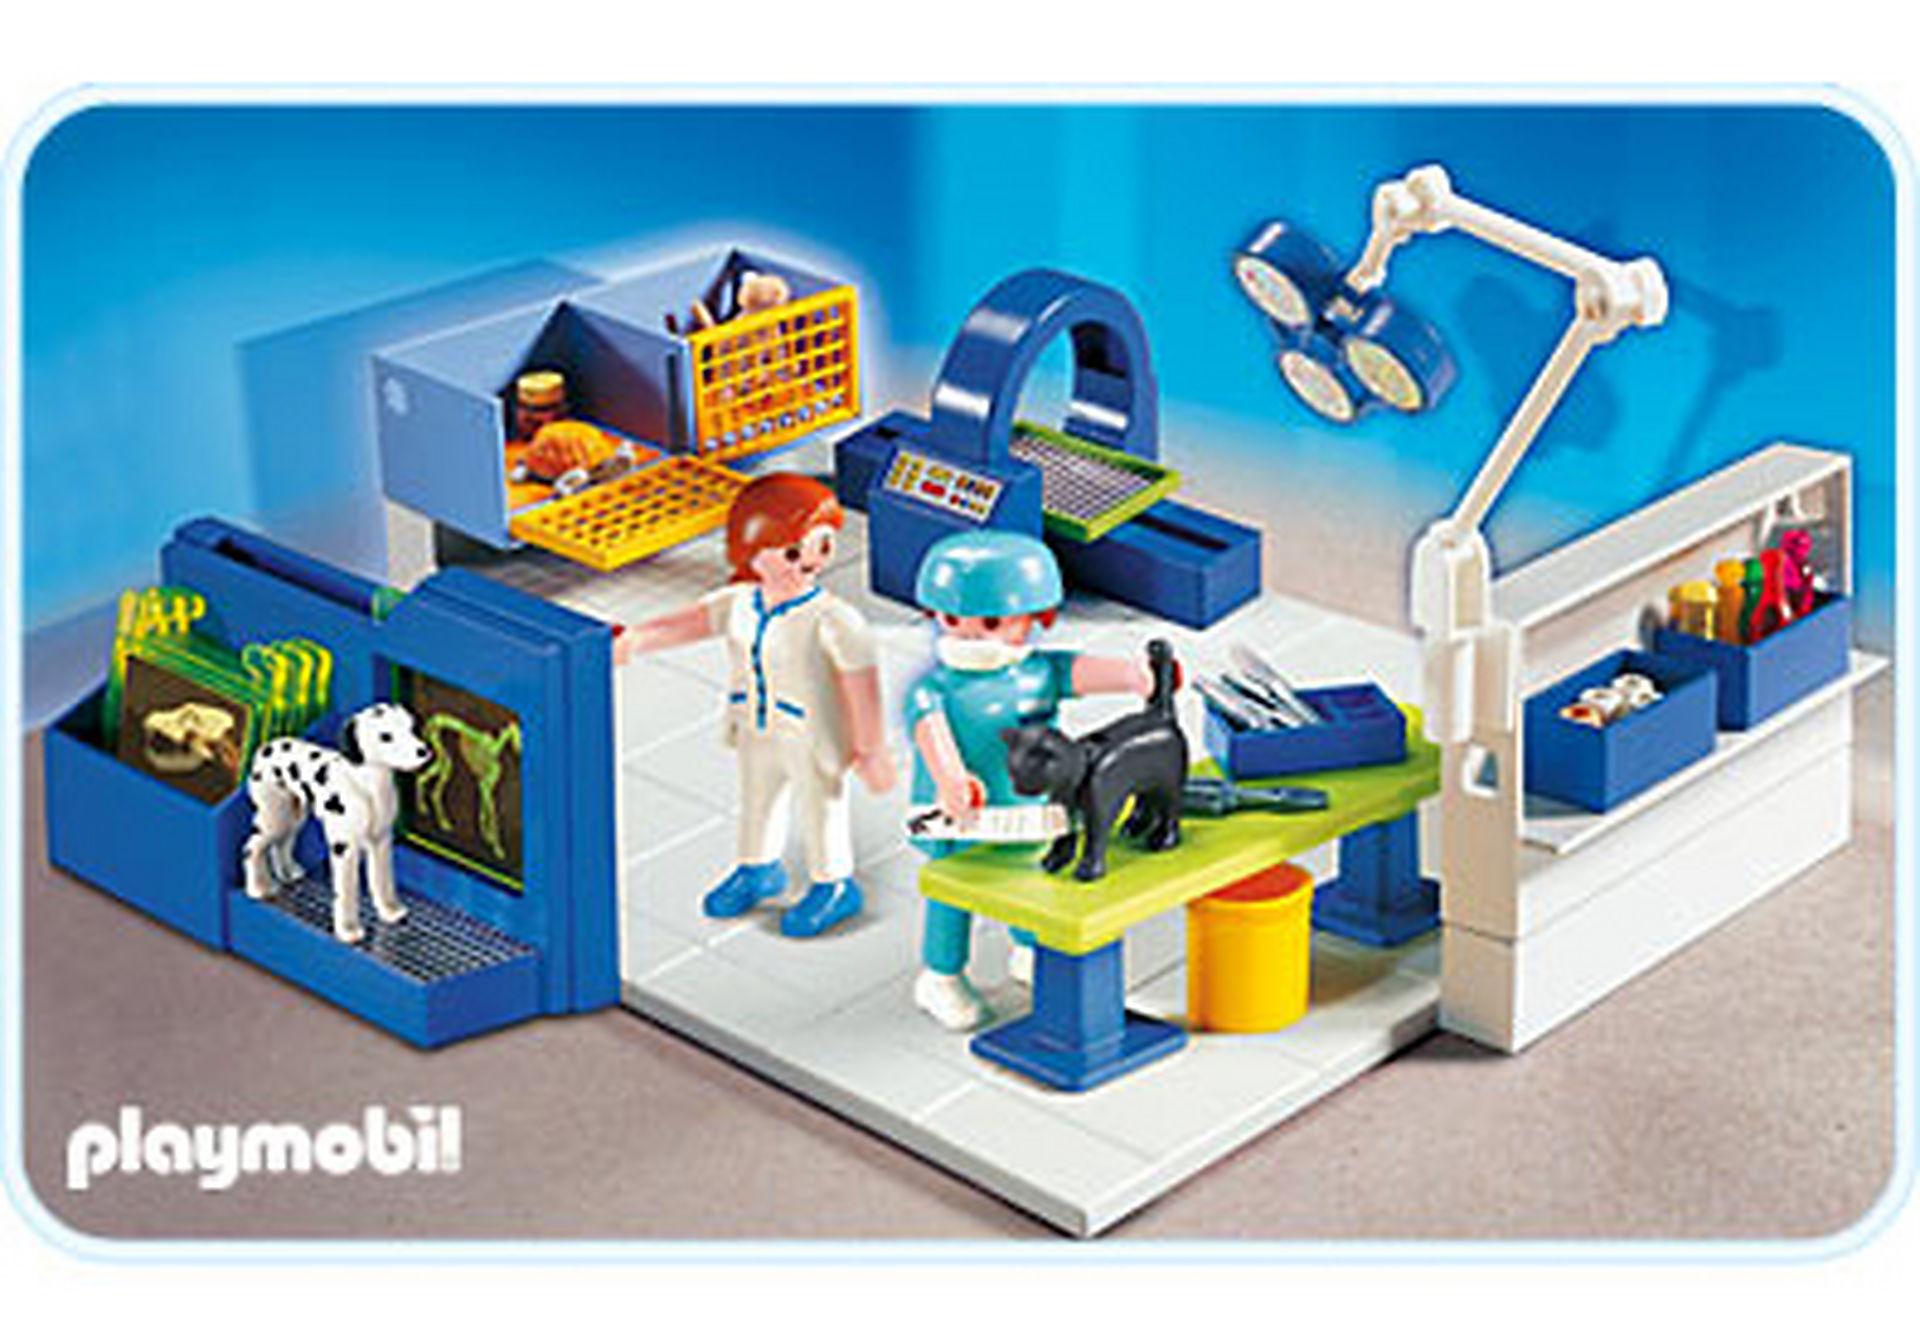 http://media.playmobil.com/i/playmobil/4346-A_product_detail/Equipe vétérinaires et salle d'opération